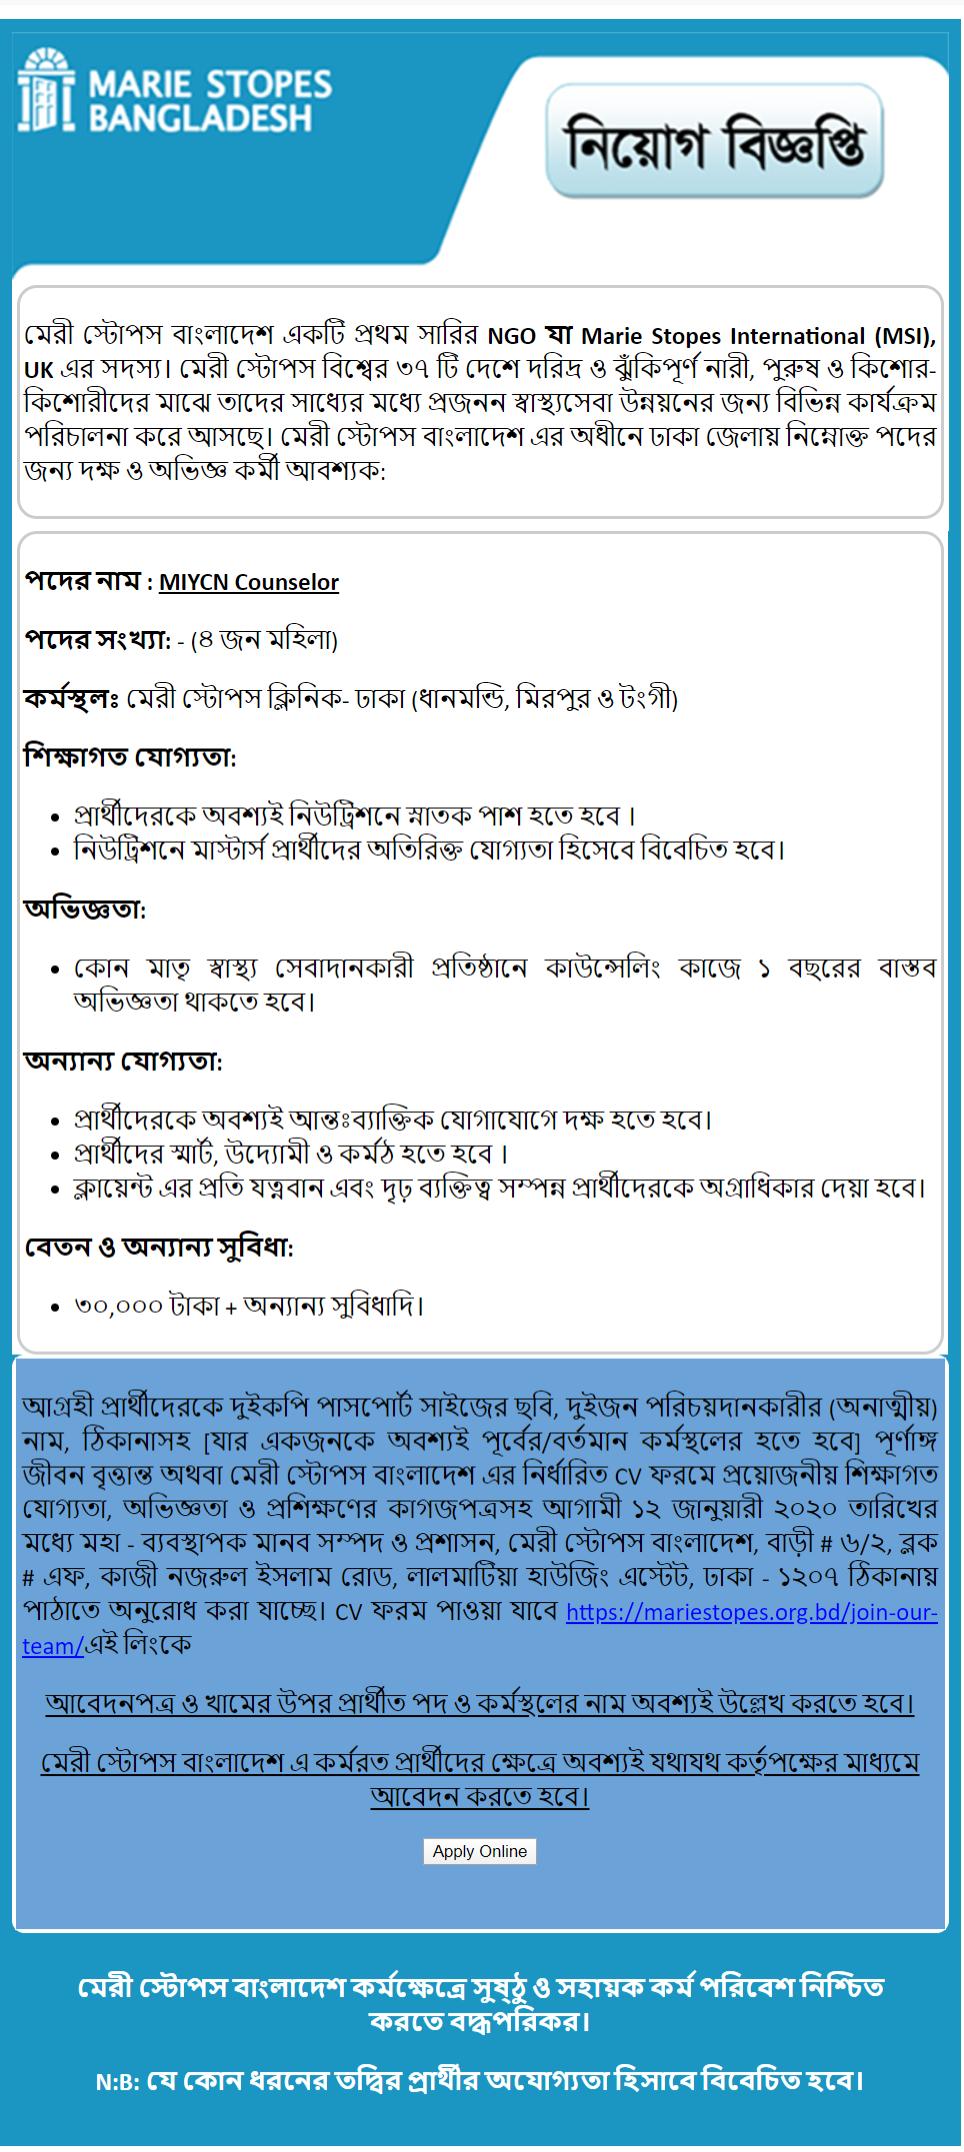 Marie Stopes Bangladesh Job Circular 2020